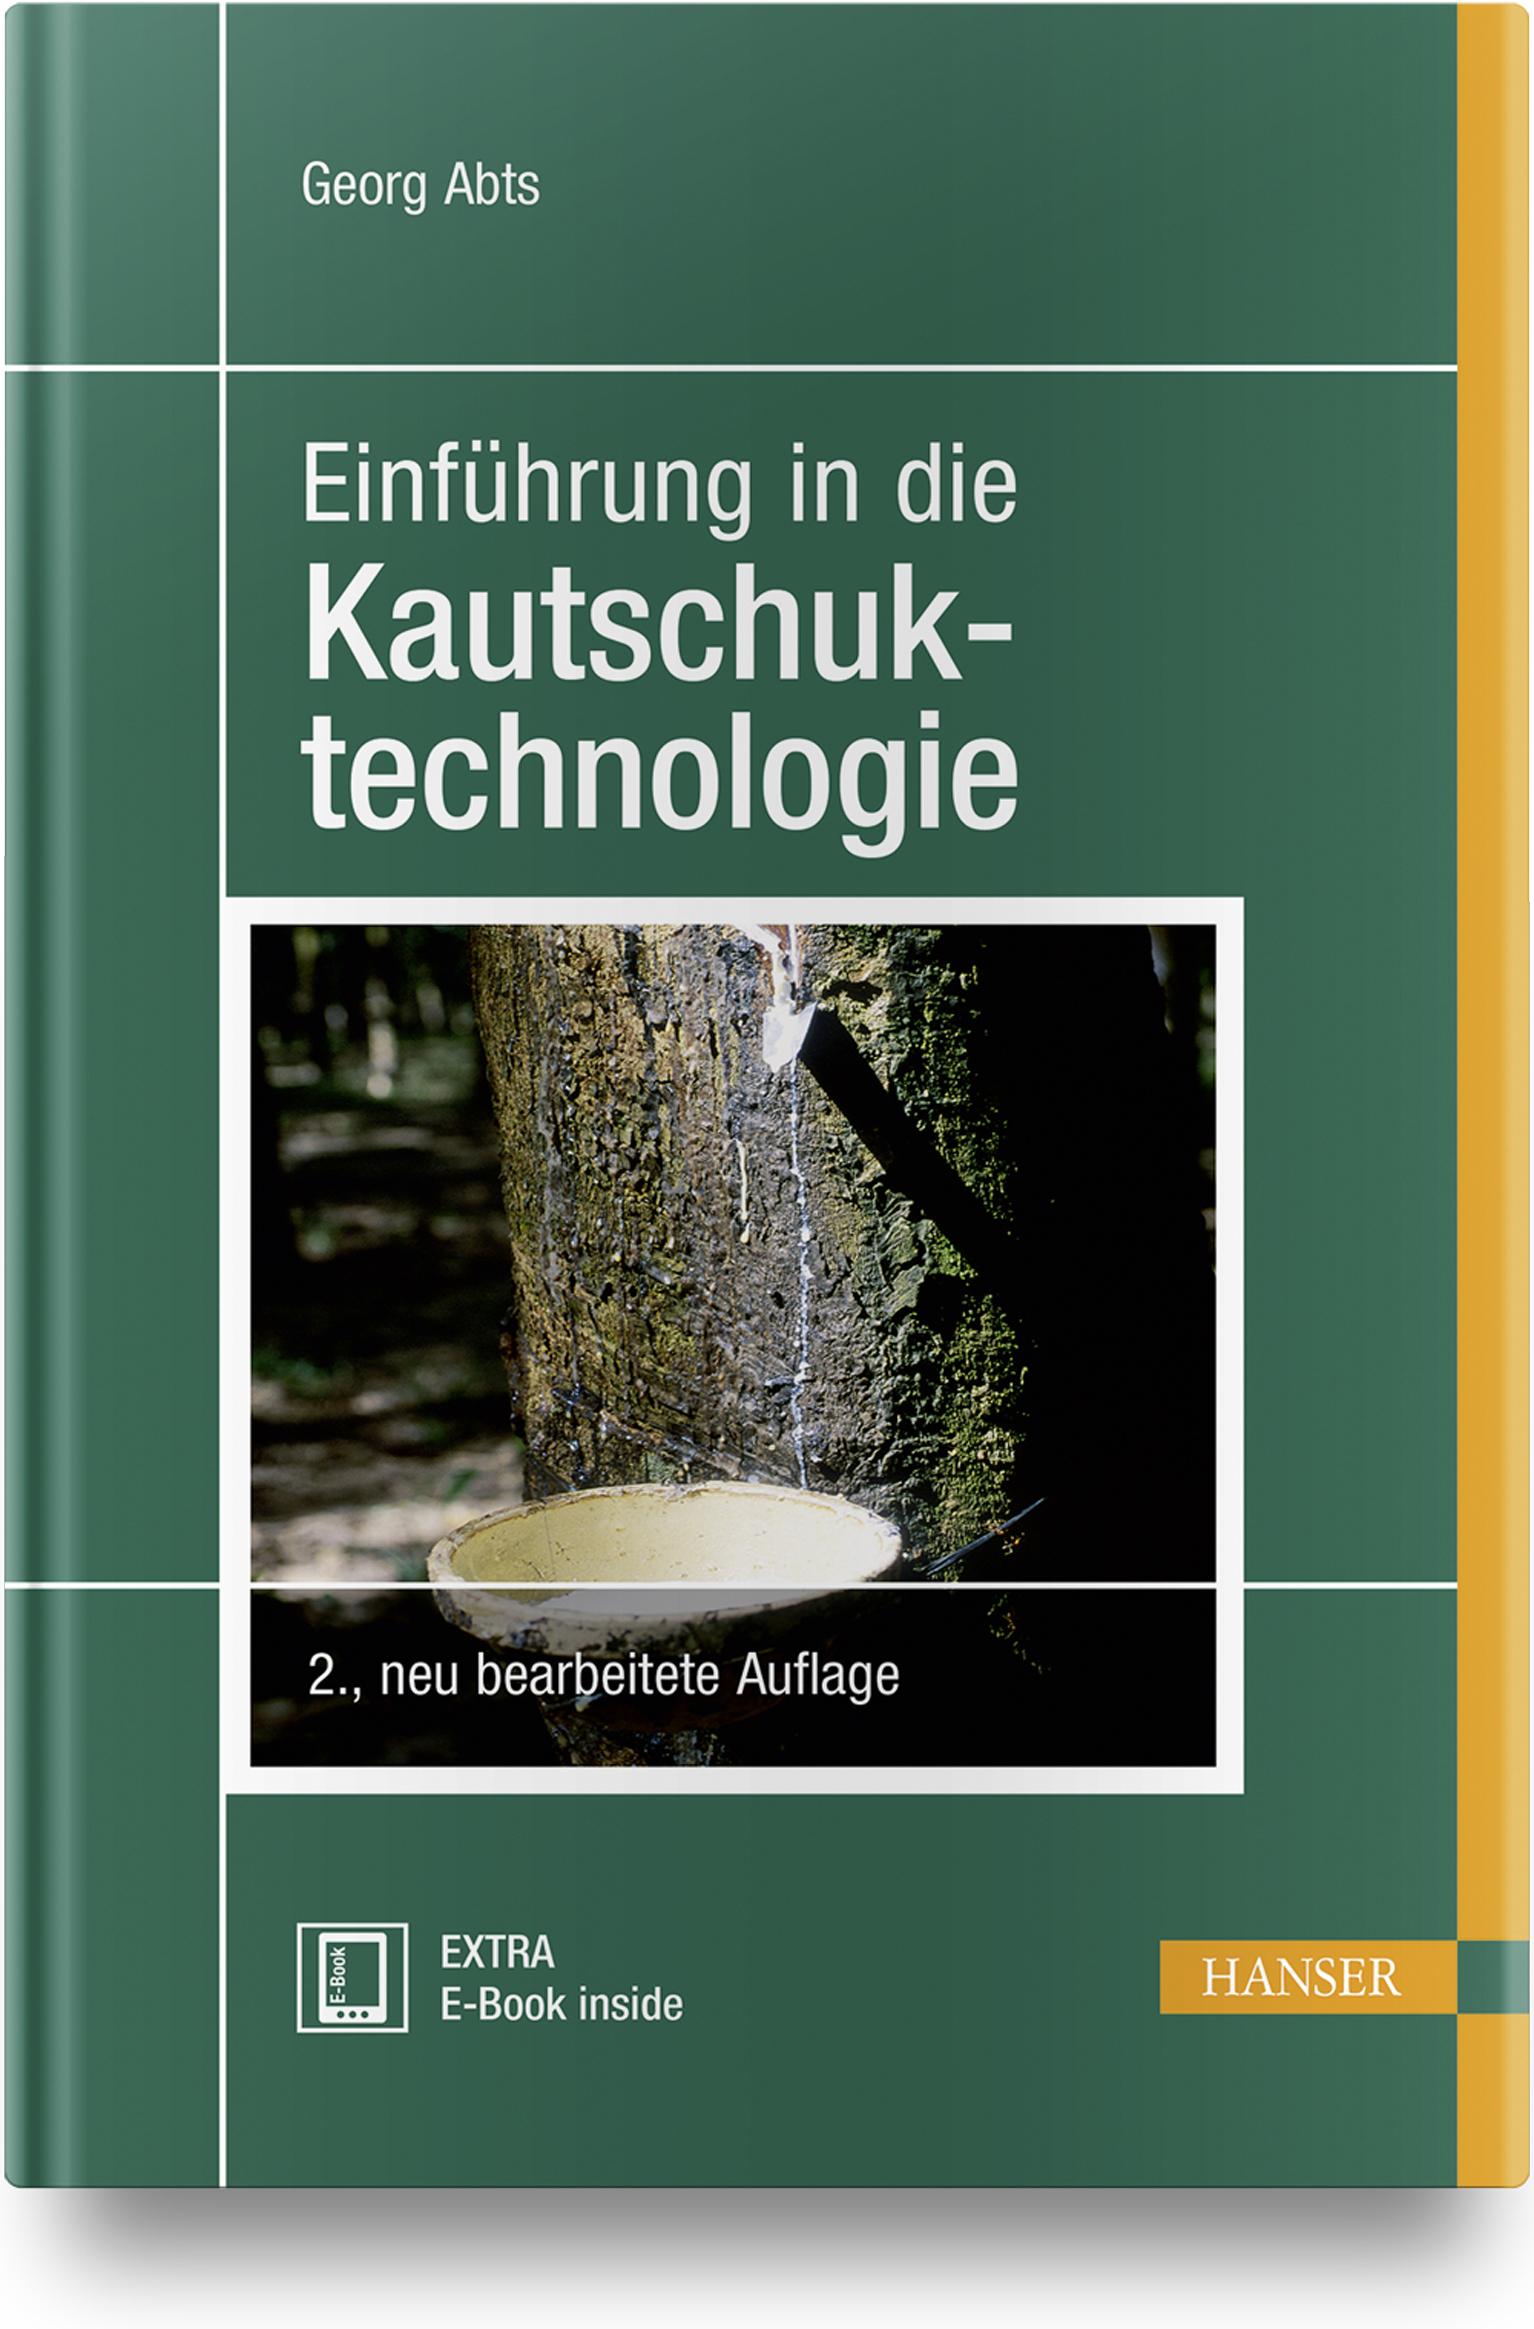 Abts, Einführung in die Kautschuktechnologie, 978-3-446-45461-3